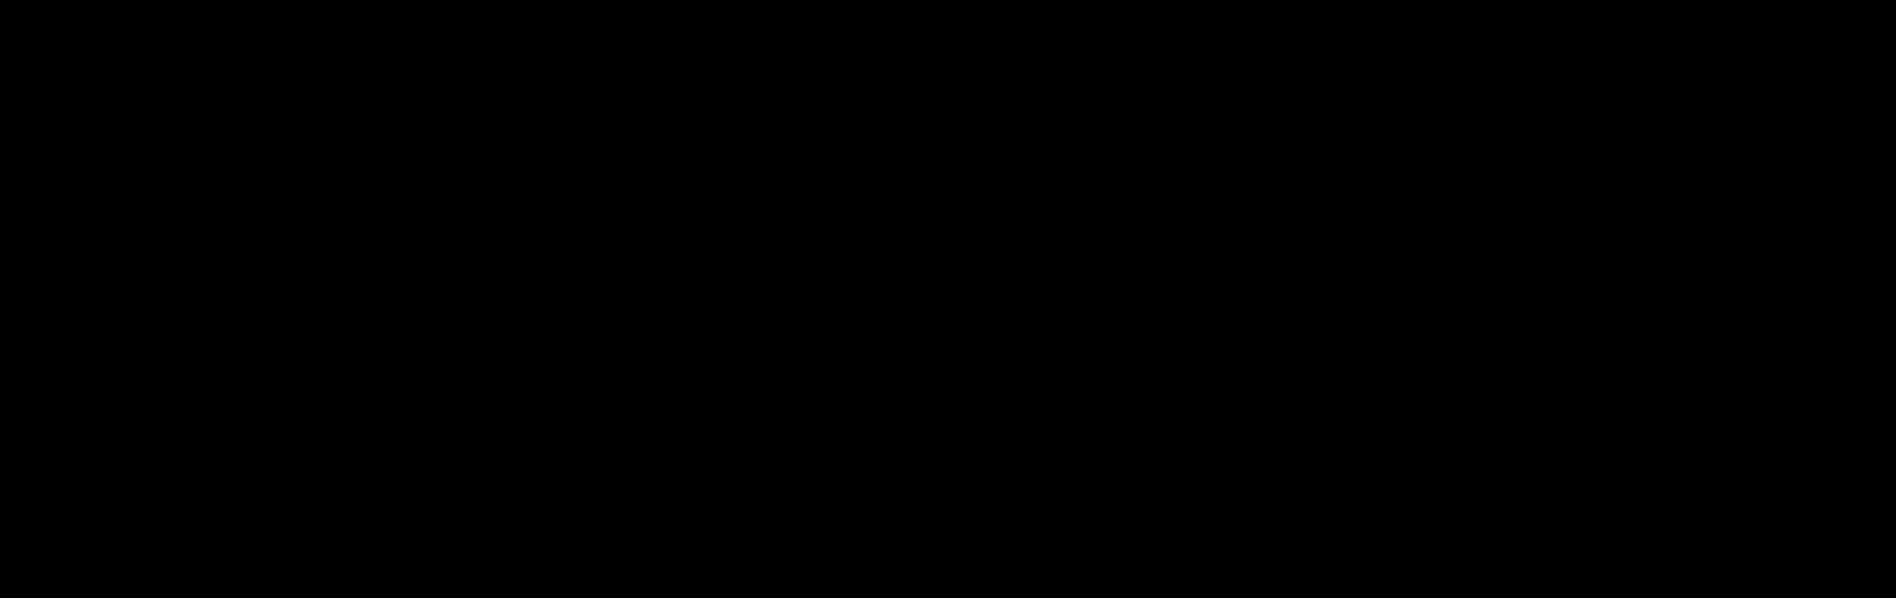 N-trans-Caffeoyltyramine